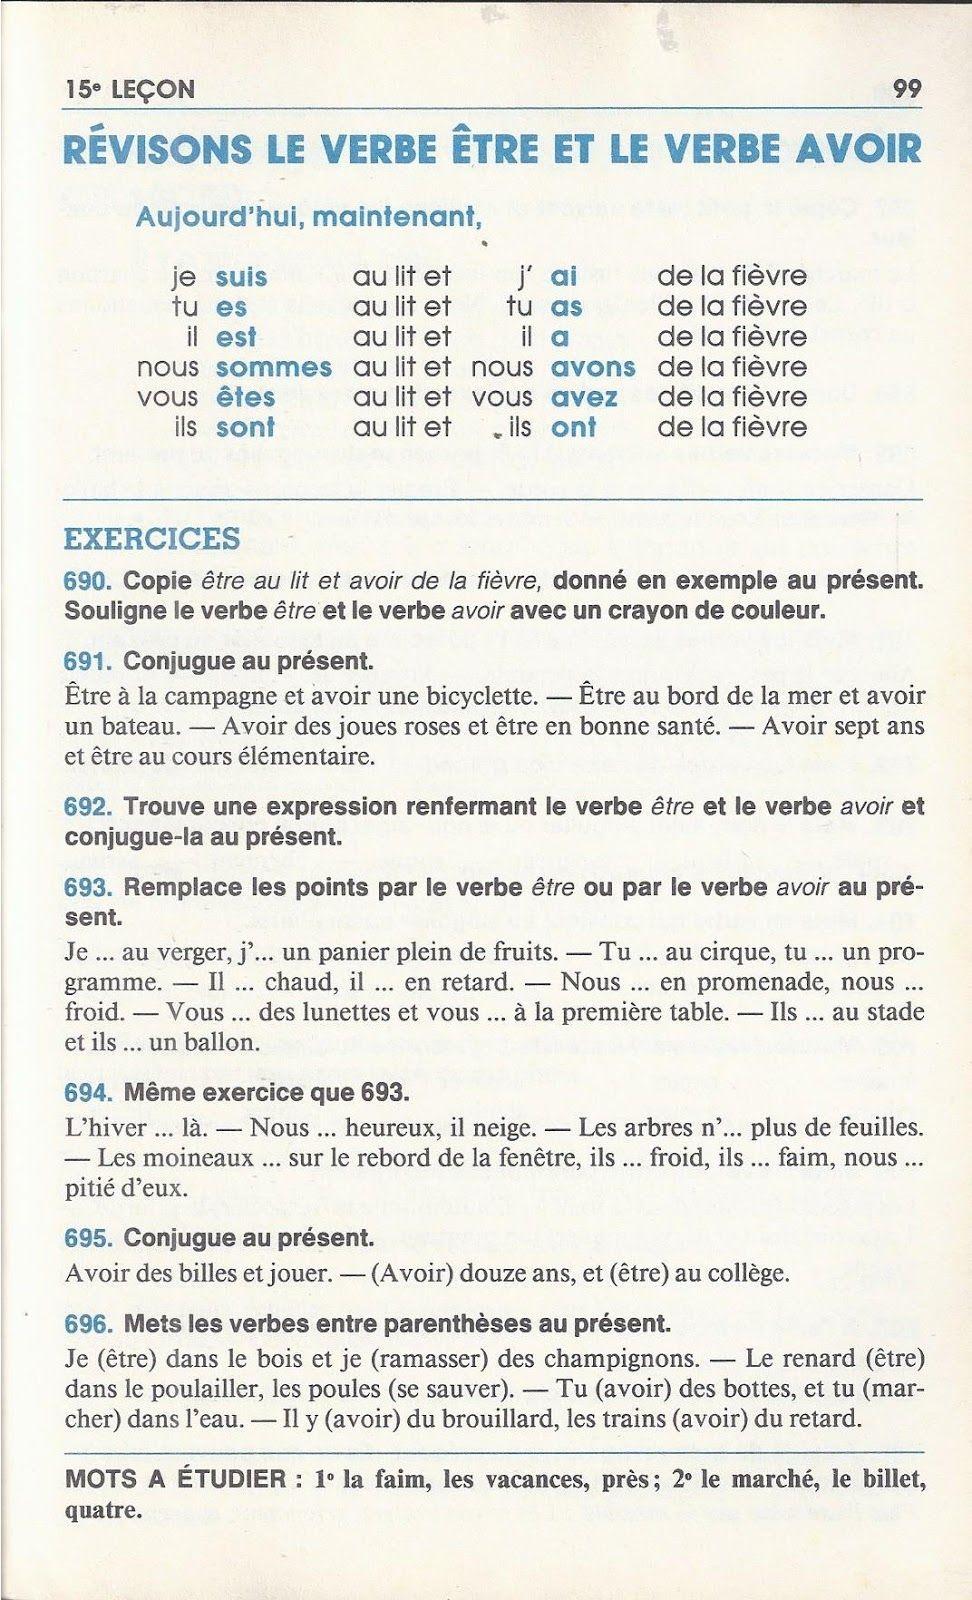 Bled, Premières leçons d'orthographe CE (1985) grandes